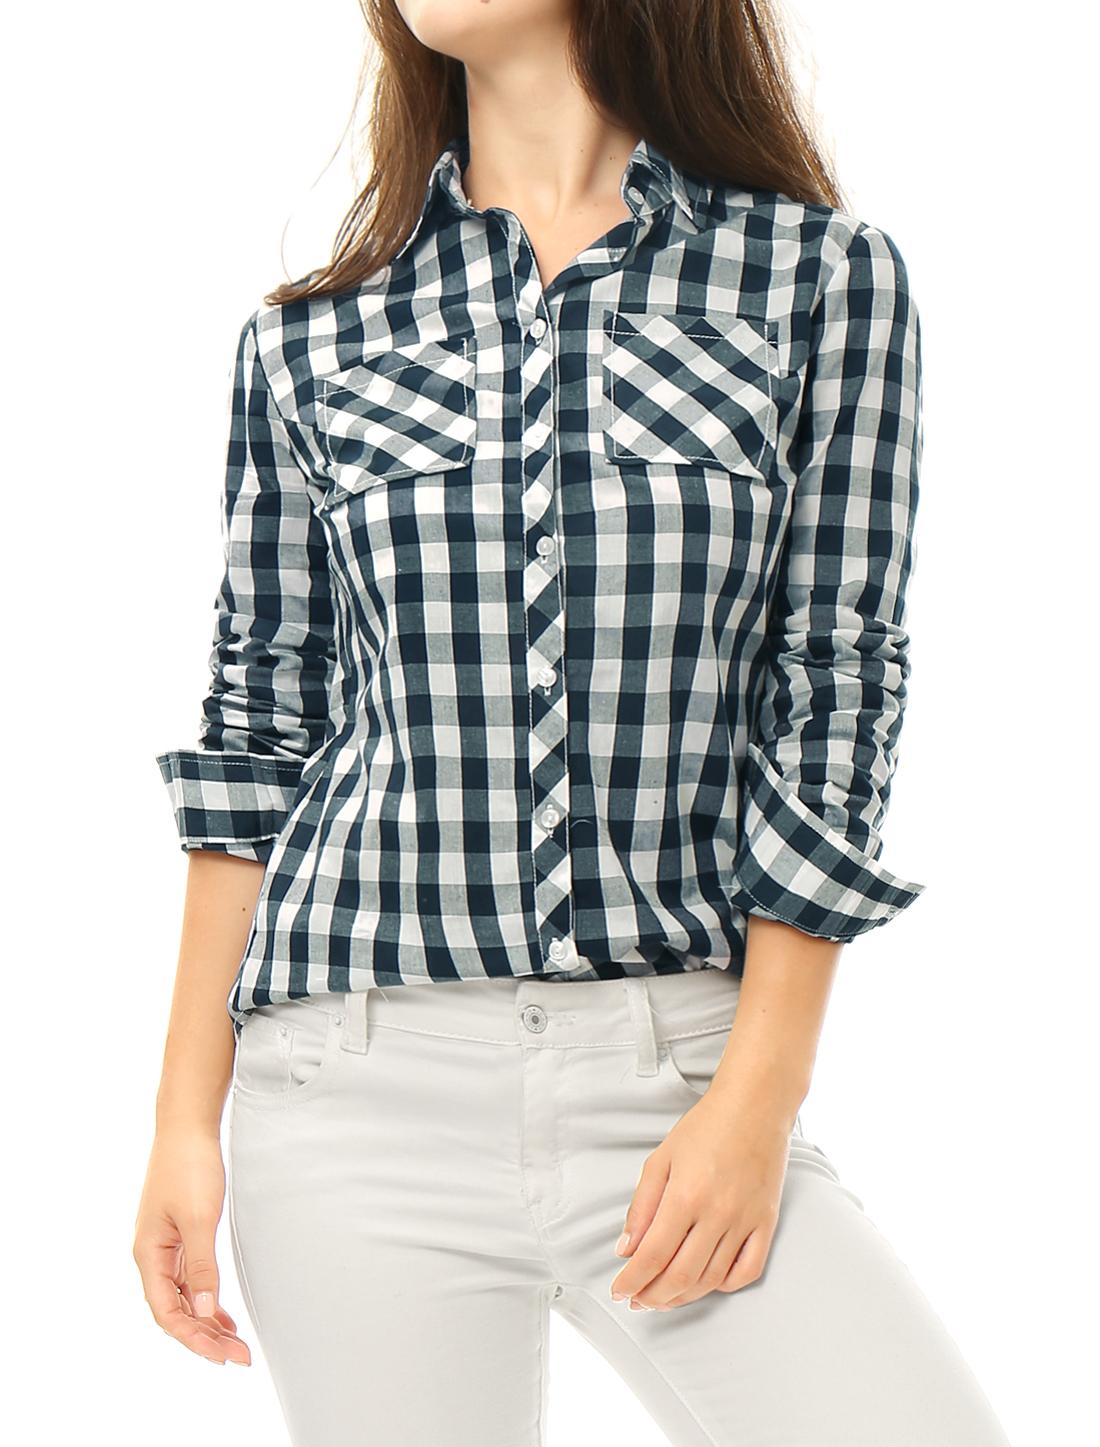 Women Bust Pockets Button Up Cotton Plaids Shirt Blue S